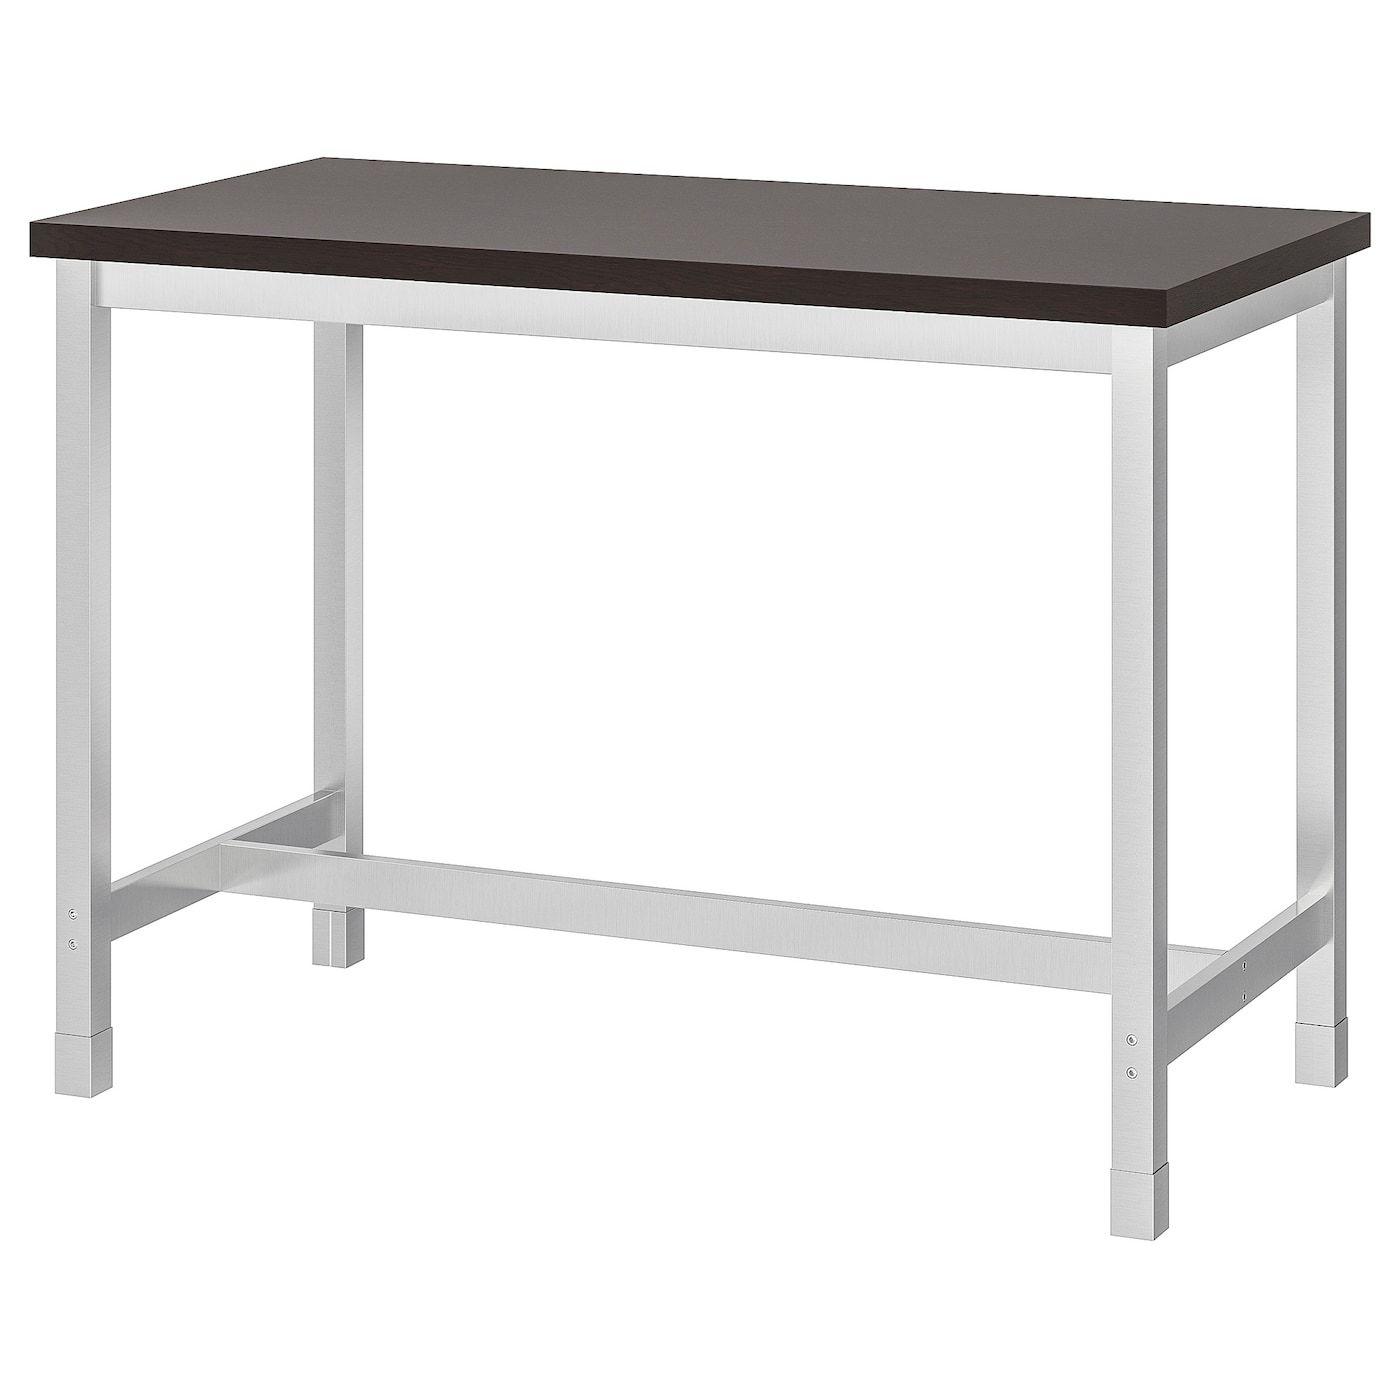 Utby Table De Bar Brun Noir Acier Inoxydable Ikea Suisse In 2020 Stehtisch Ikea Bartisch Ikea Tisch